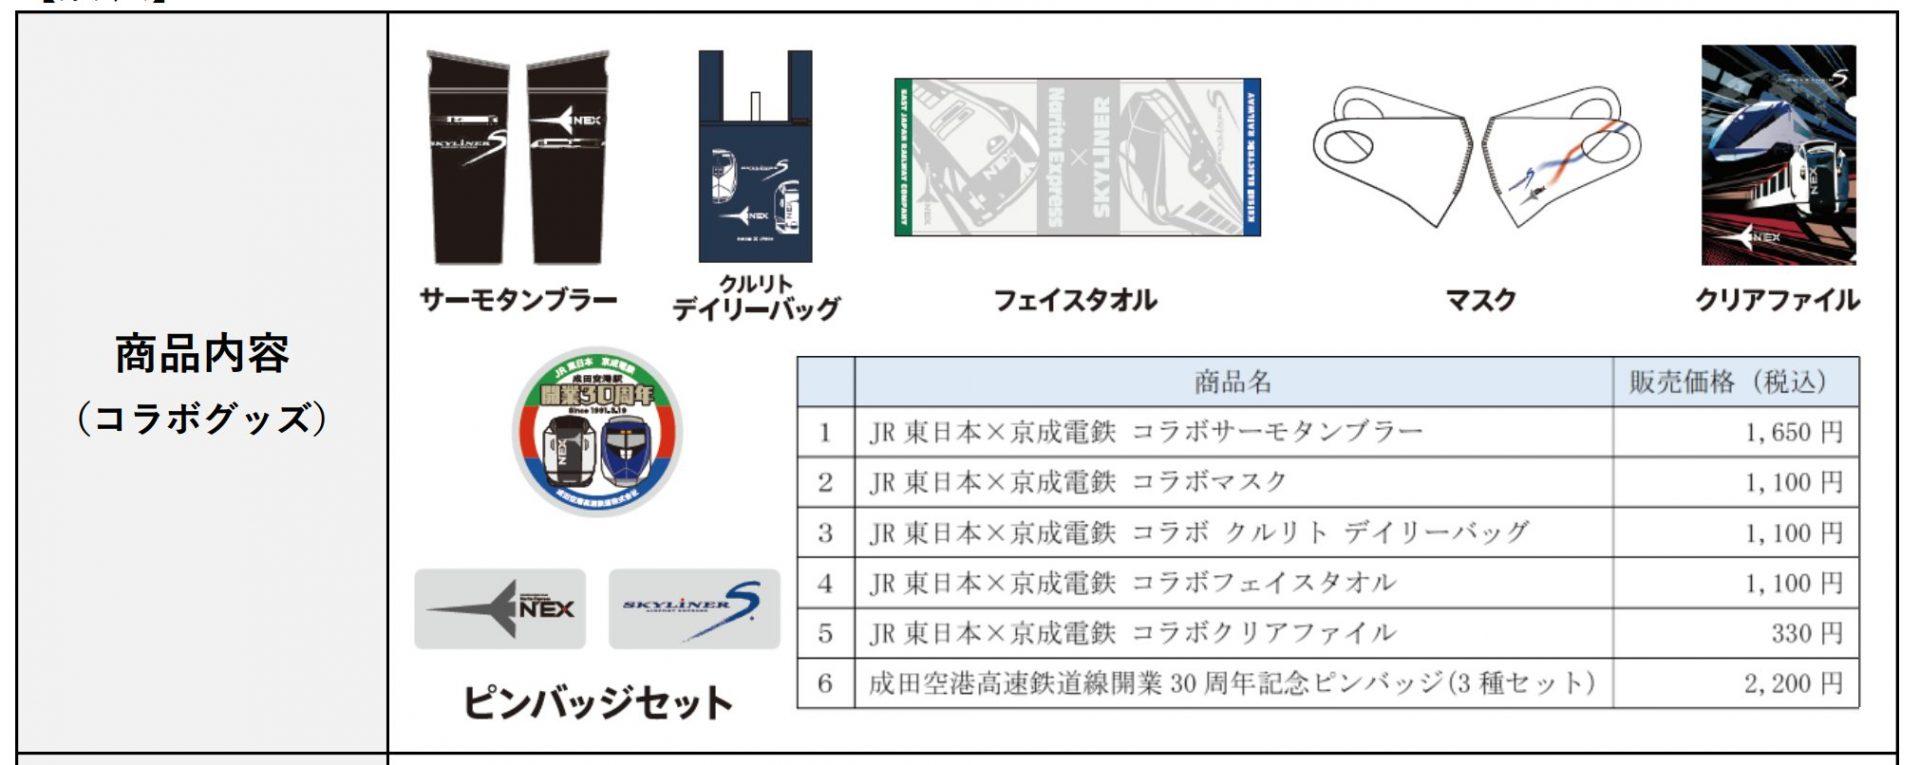 成田空港鉄道乗り入れ30周年